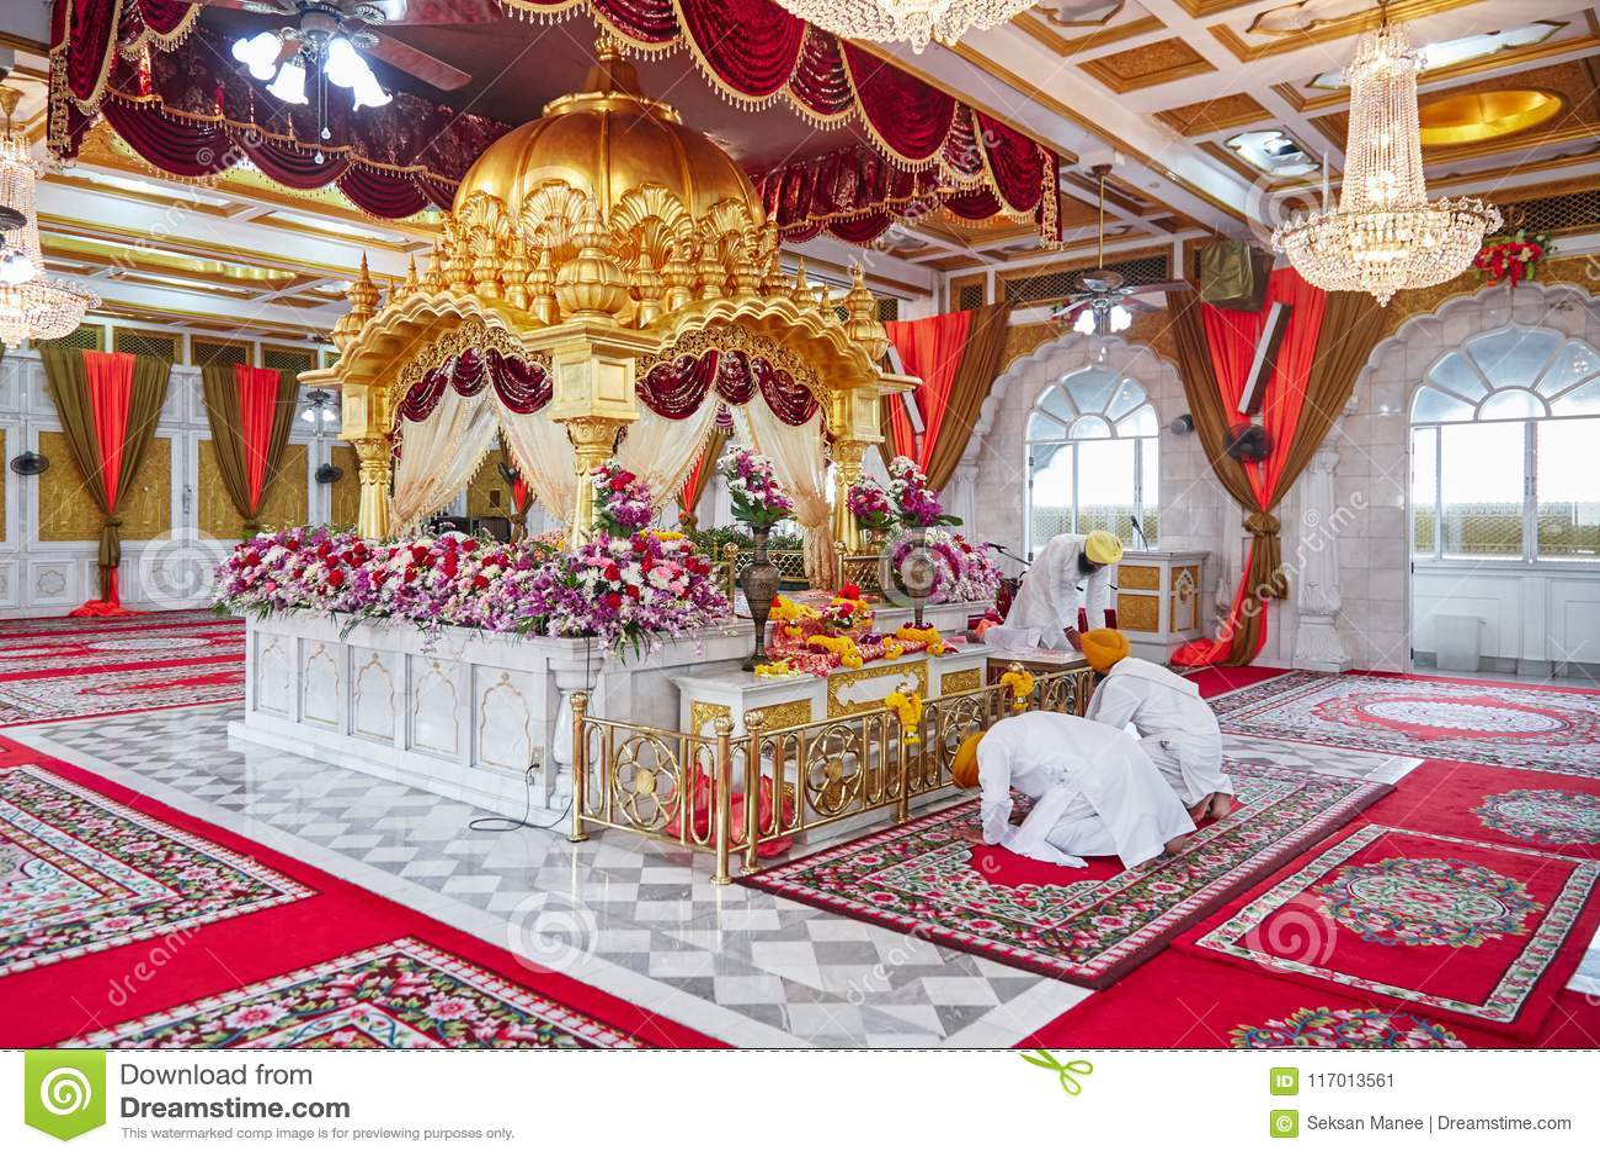 BANGKOK TAJLANDIA, GRUDZIEŃ, - 13, 2014: Piękny wnętrze Sikhijska świątynia w Bangkok, Tajlandia